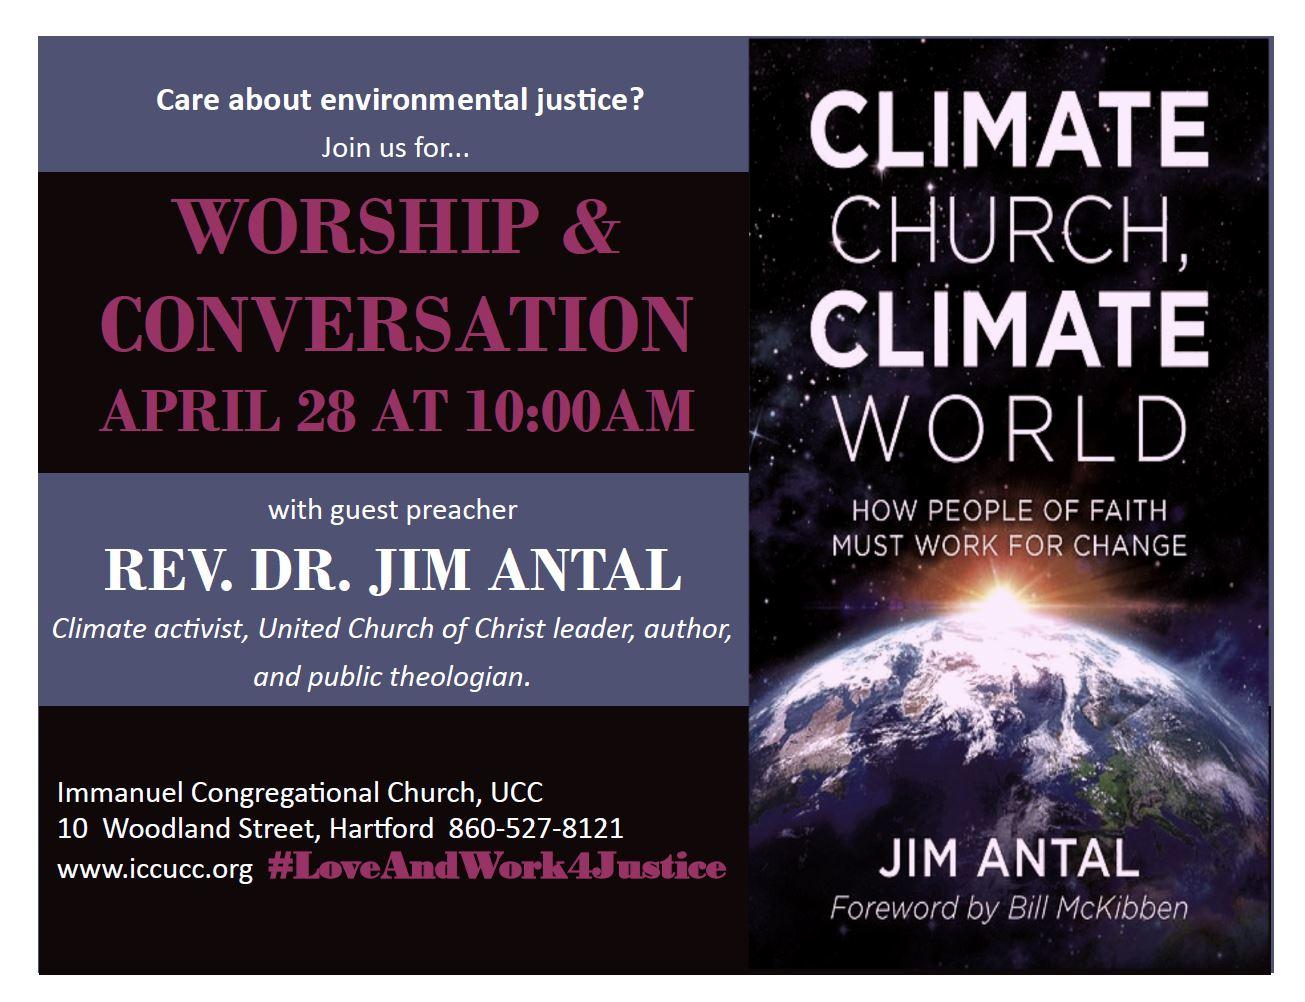 Climate Church, Climate World Flyer.jpg